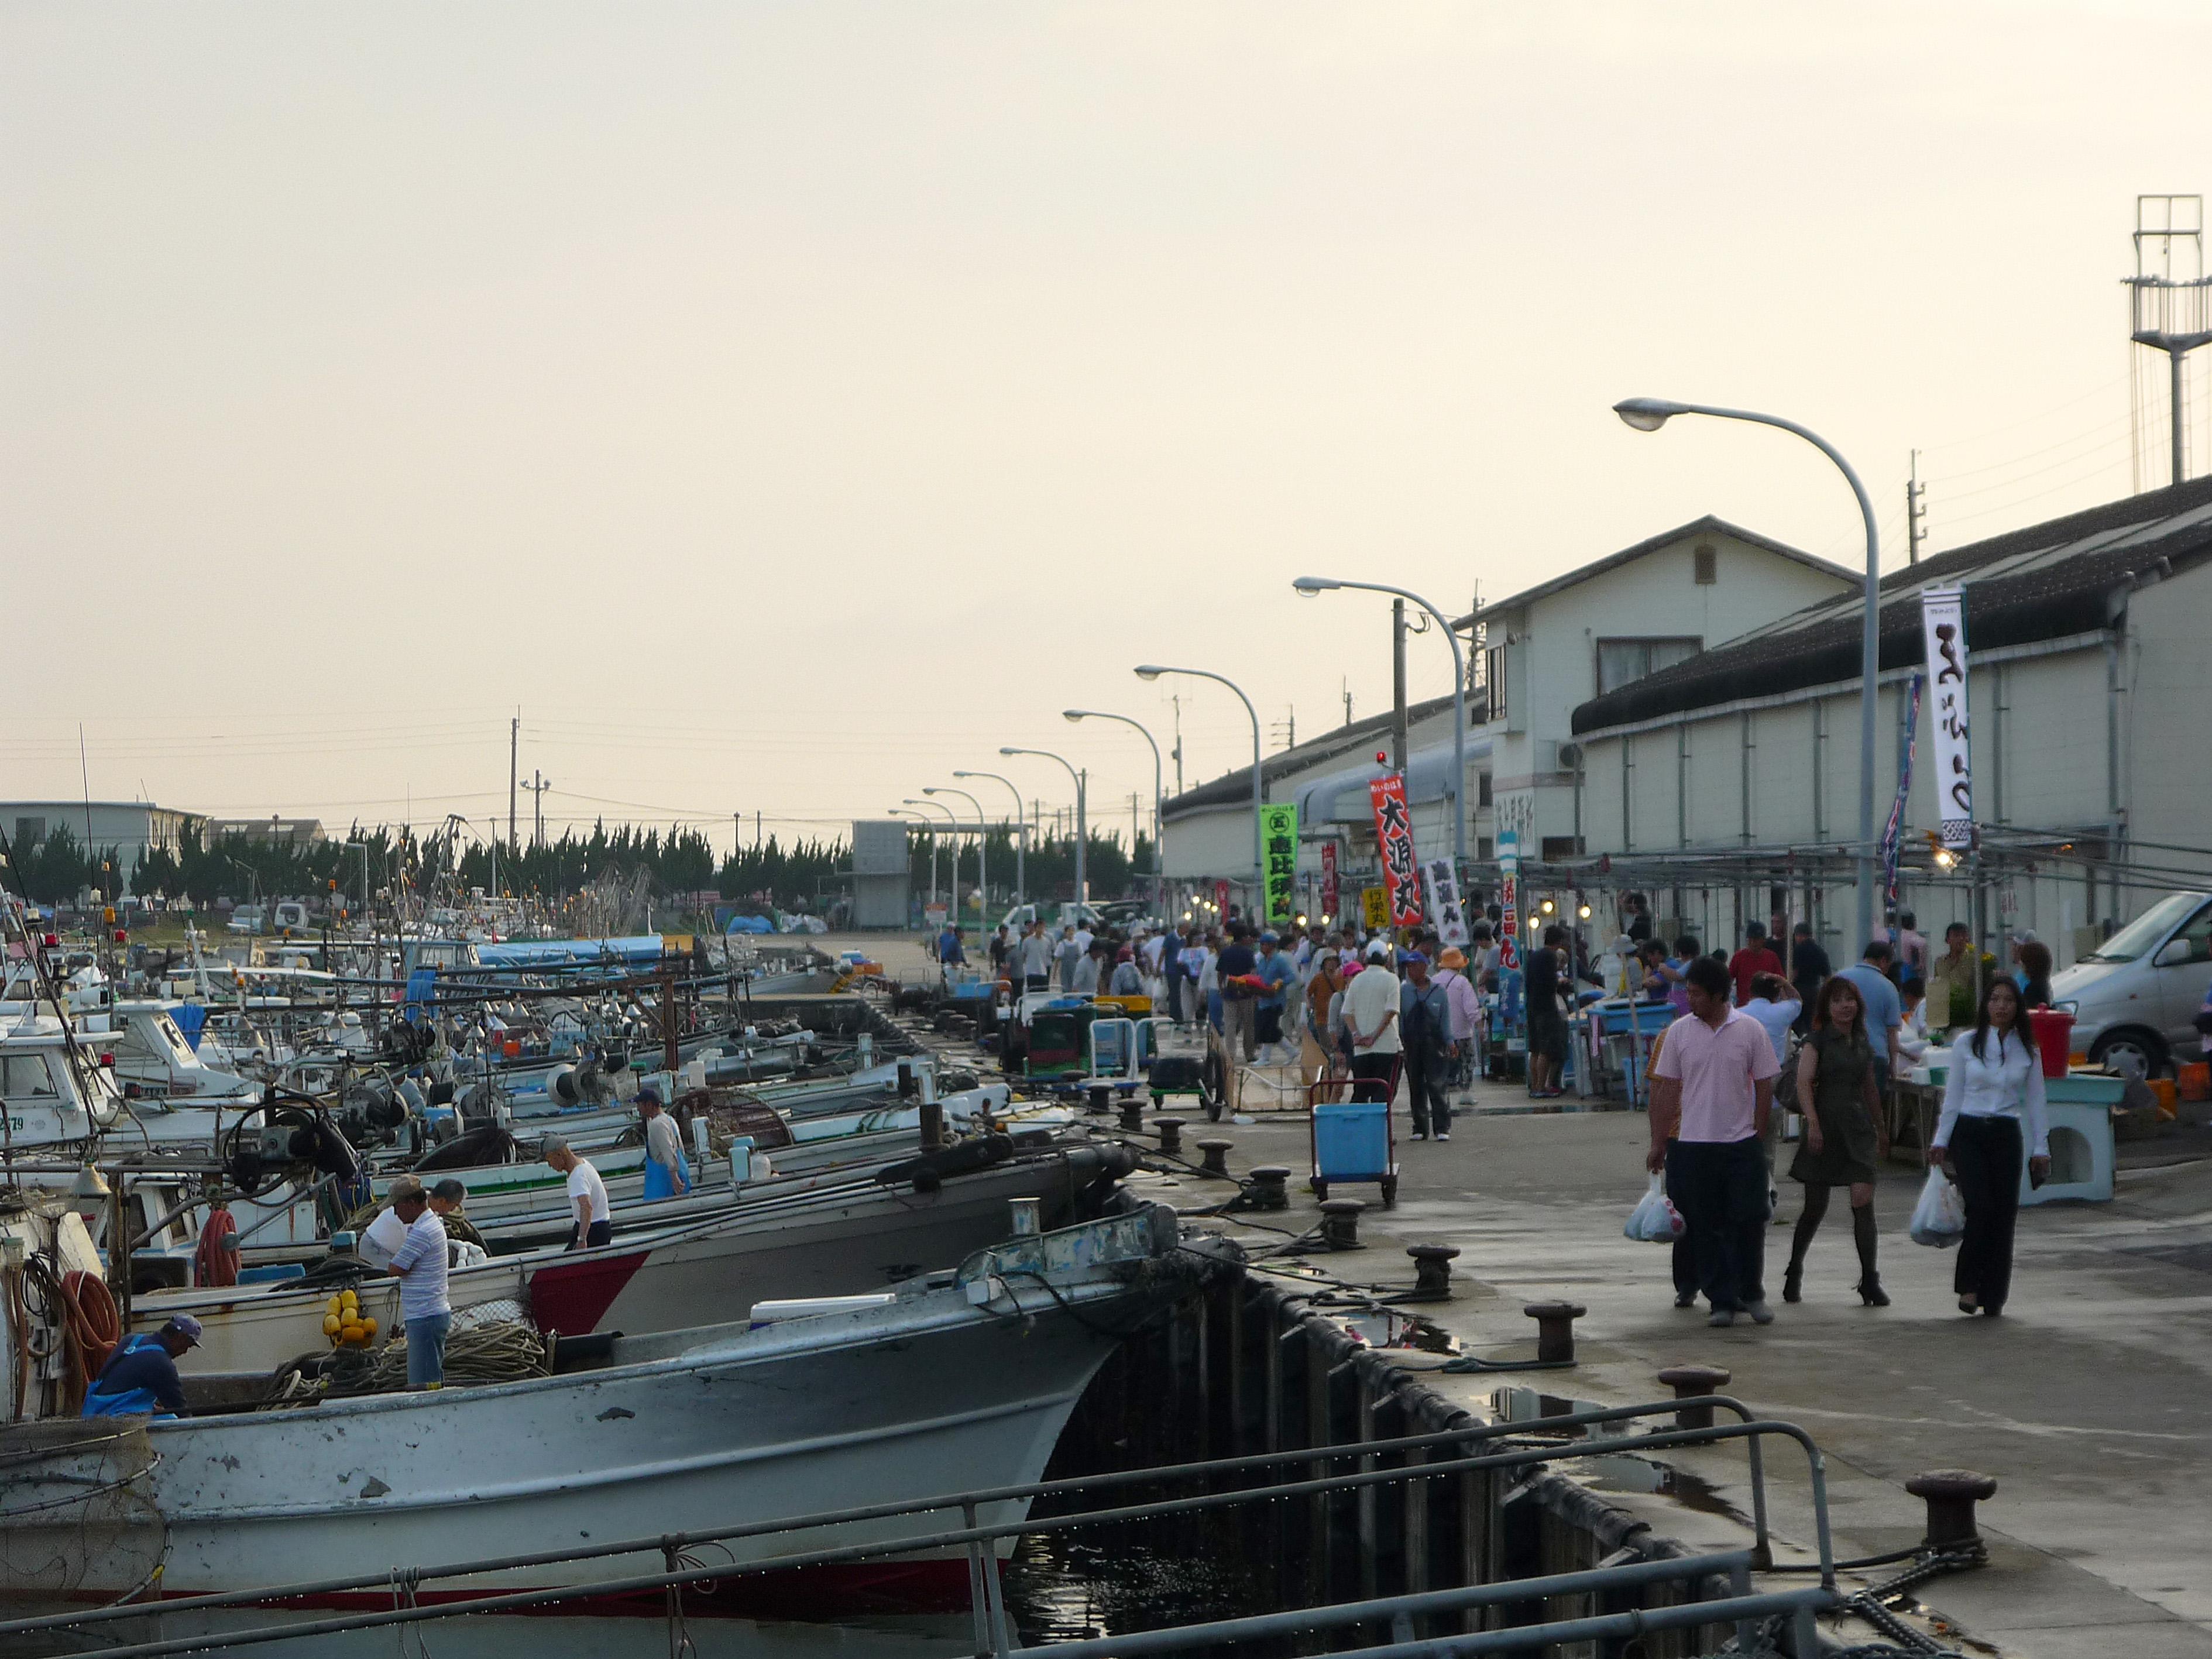 姪浜朝市(2009)の画像